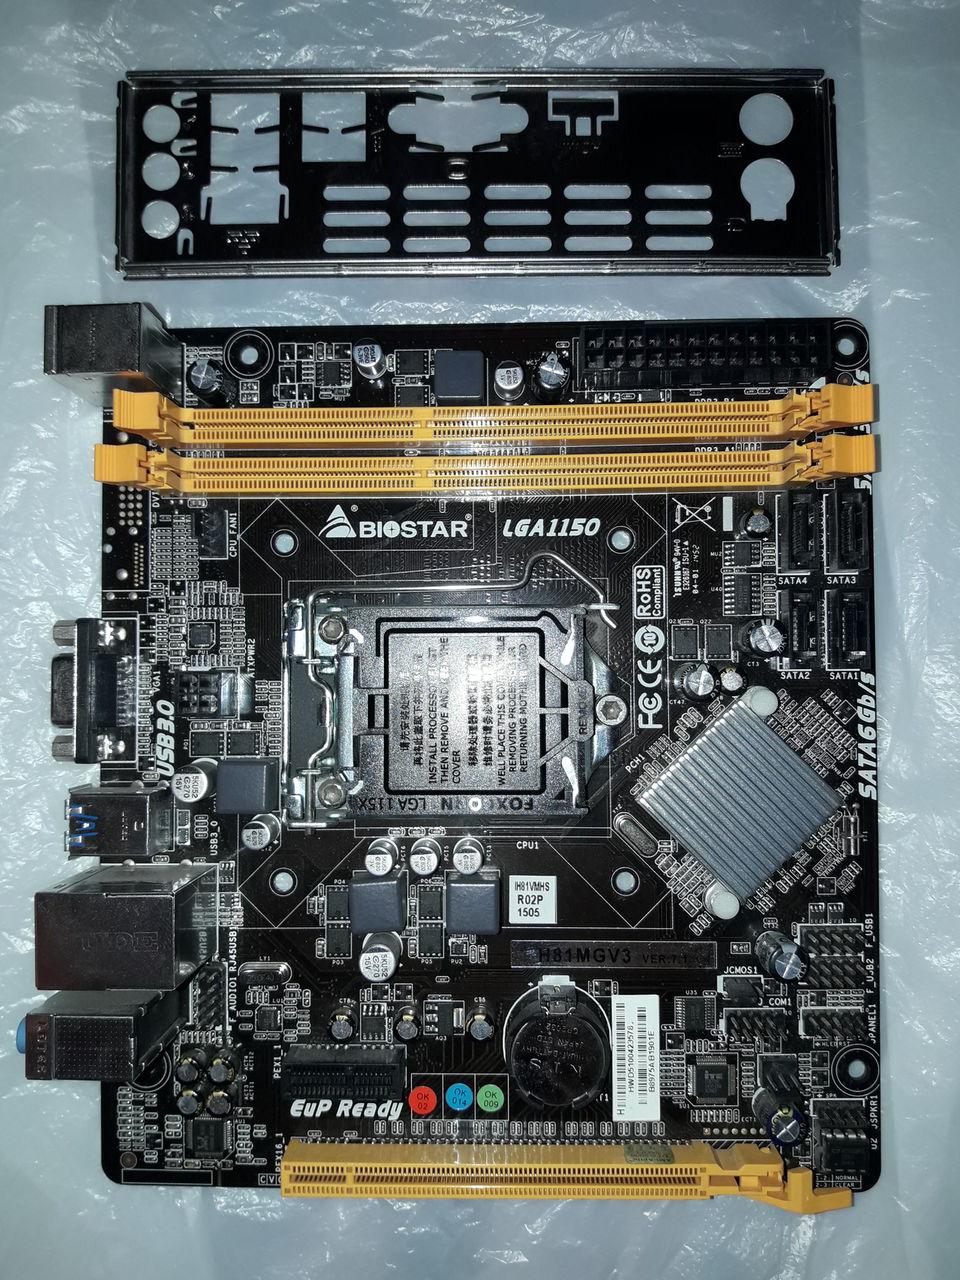 BIOSTAR H81MGV3 TREIBER WINDOWS XP